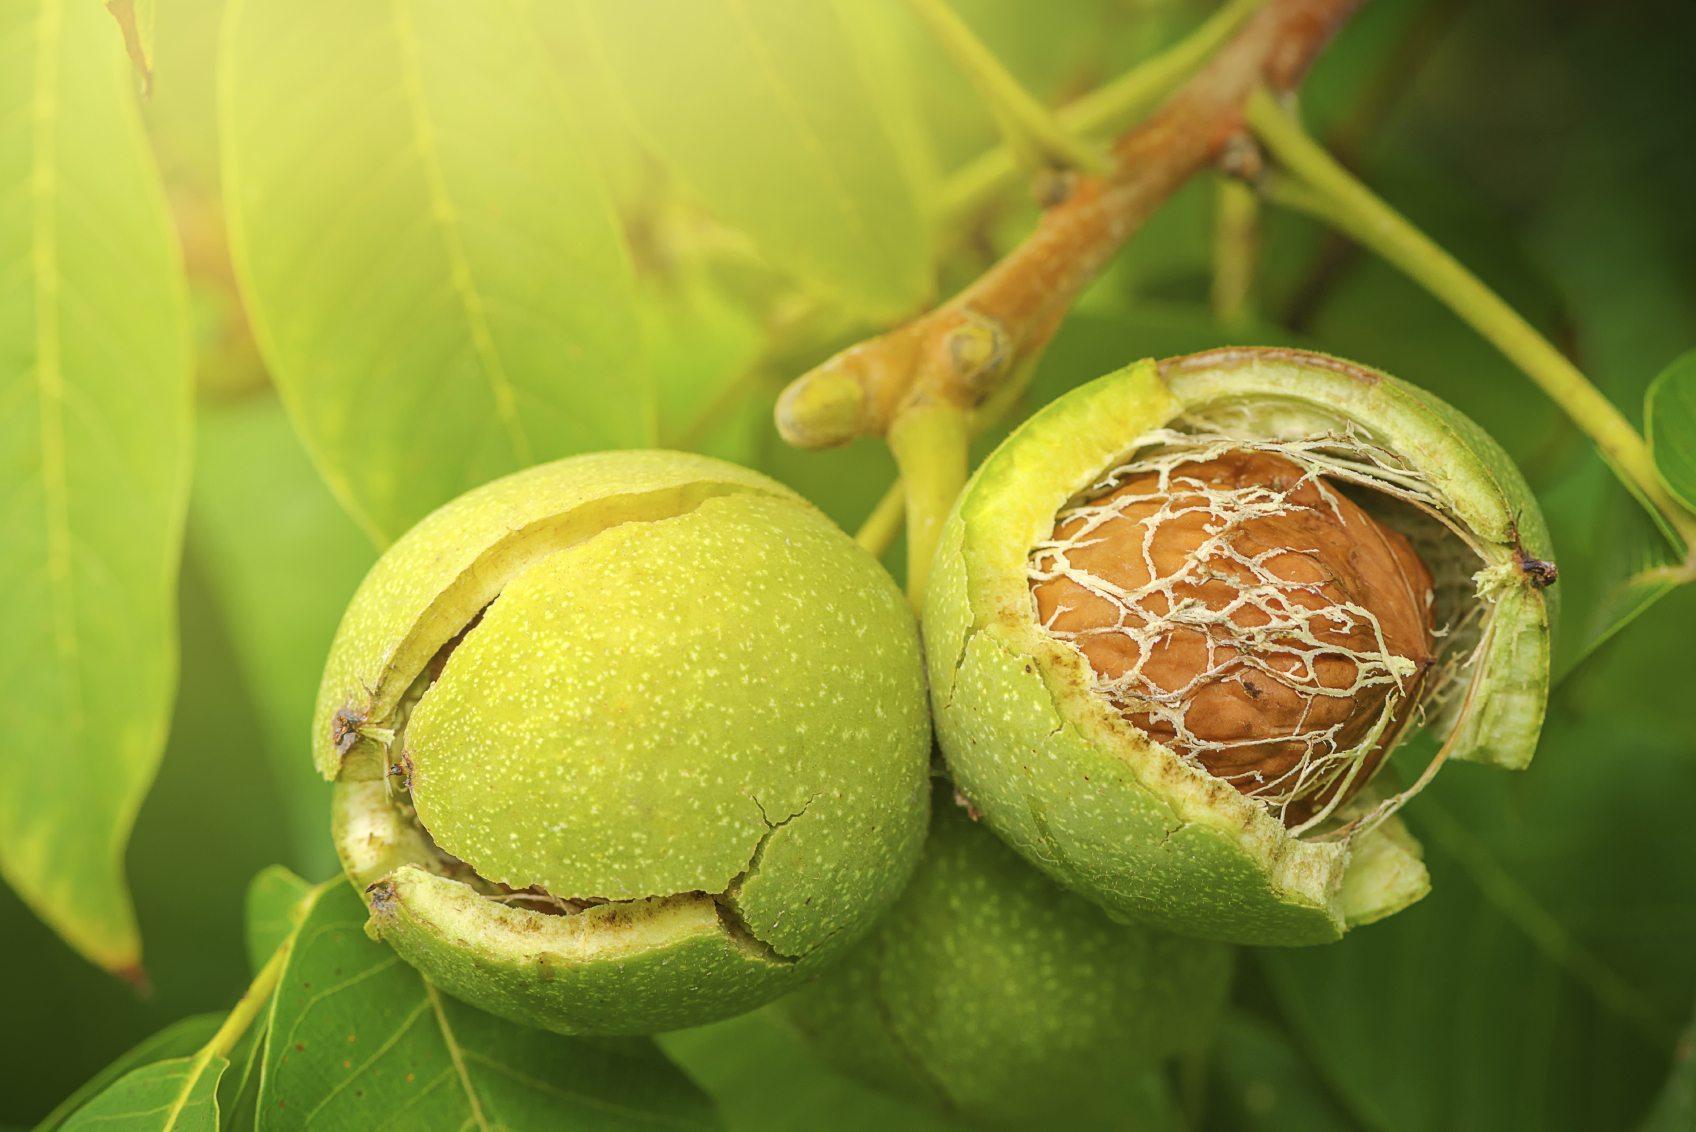 خواص برگ گردو در طب سنتی چیست؟